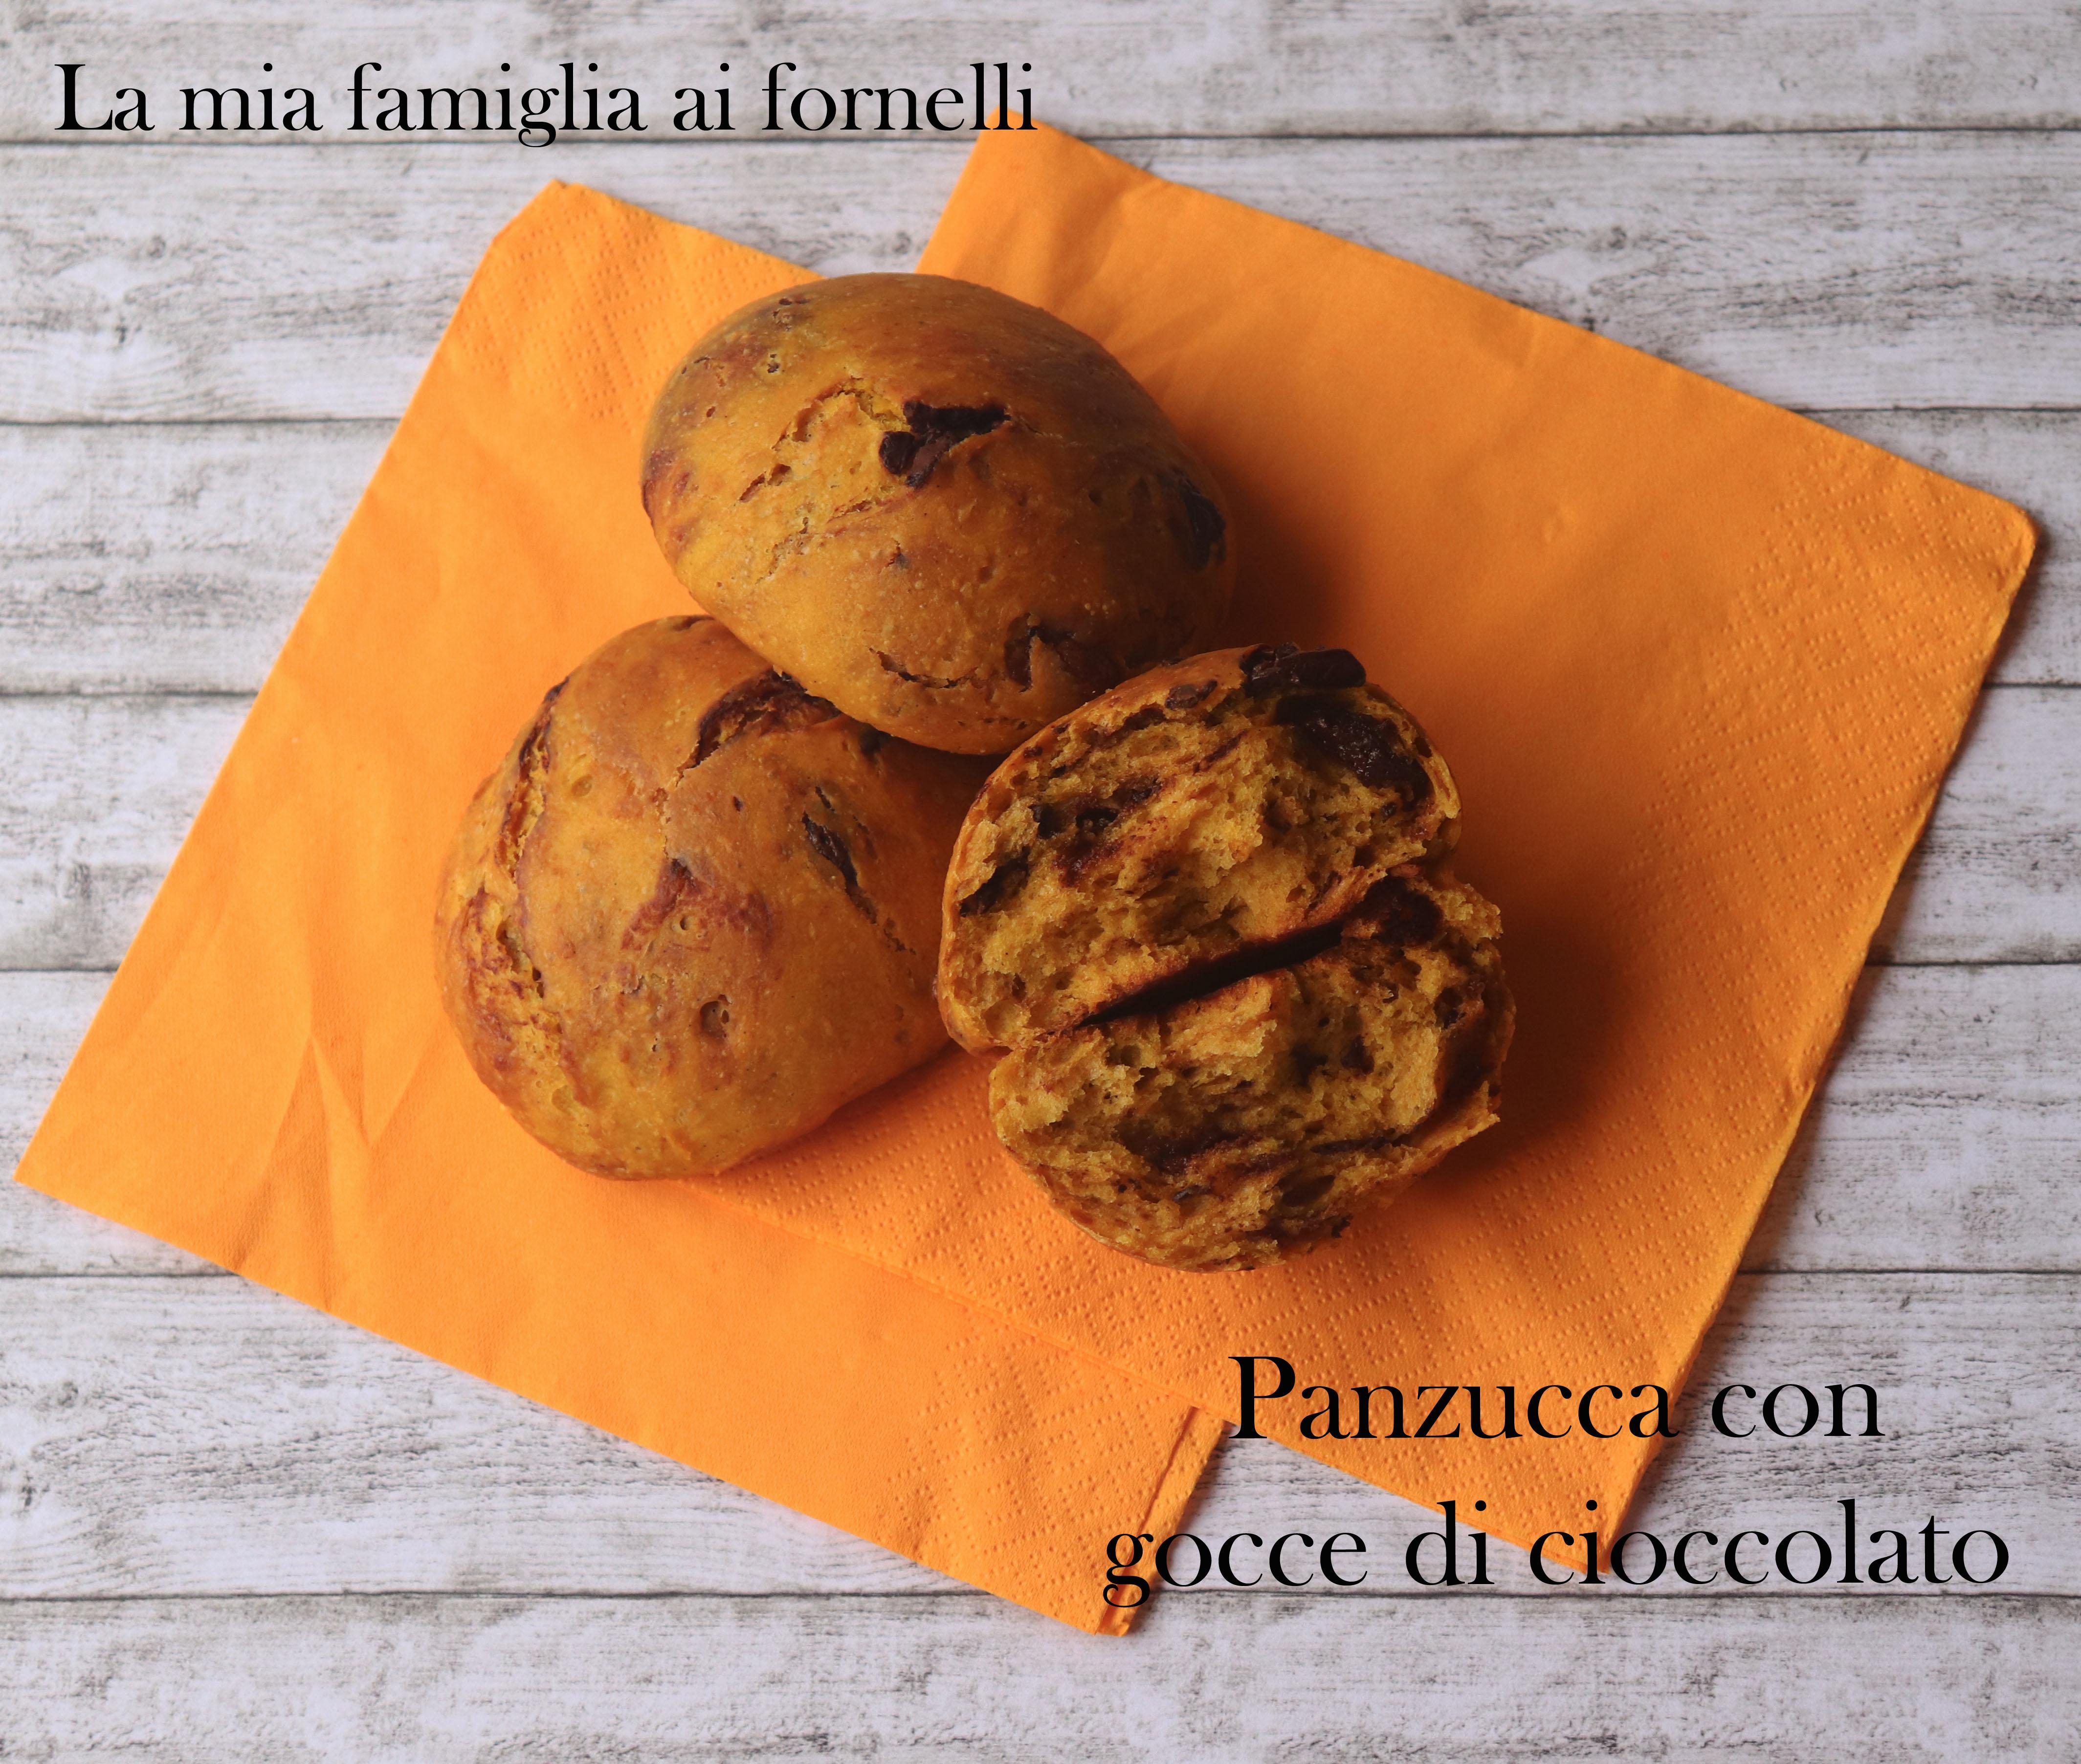 Panzucca con gocce di cioccolato